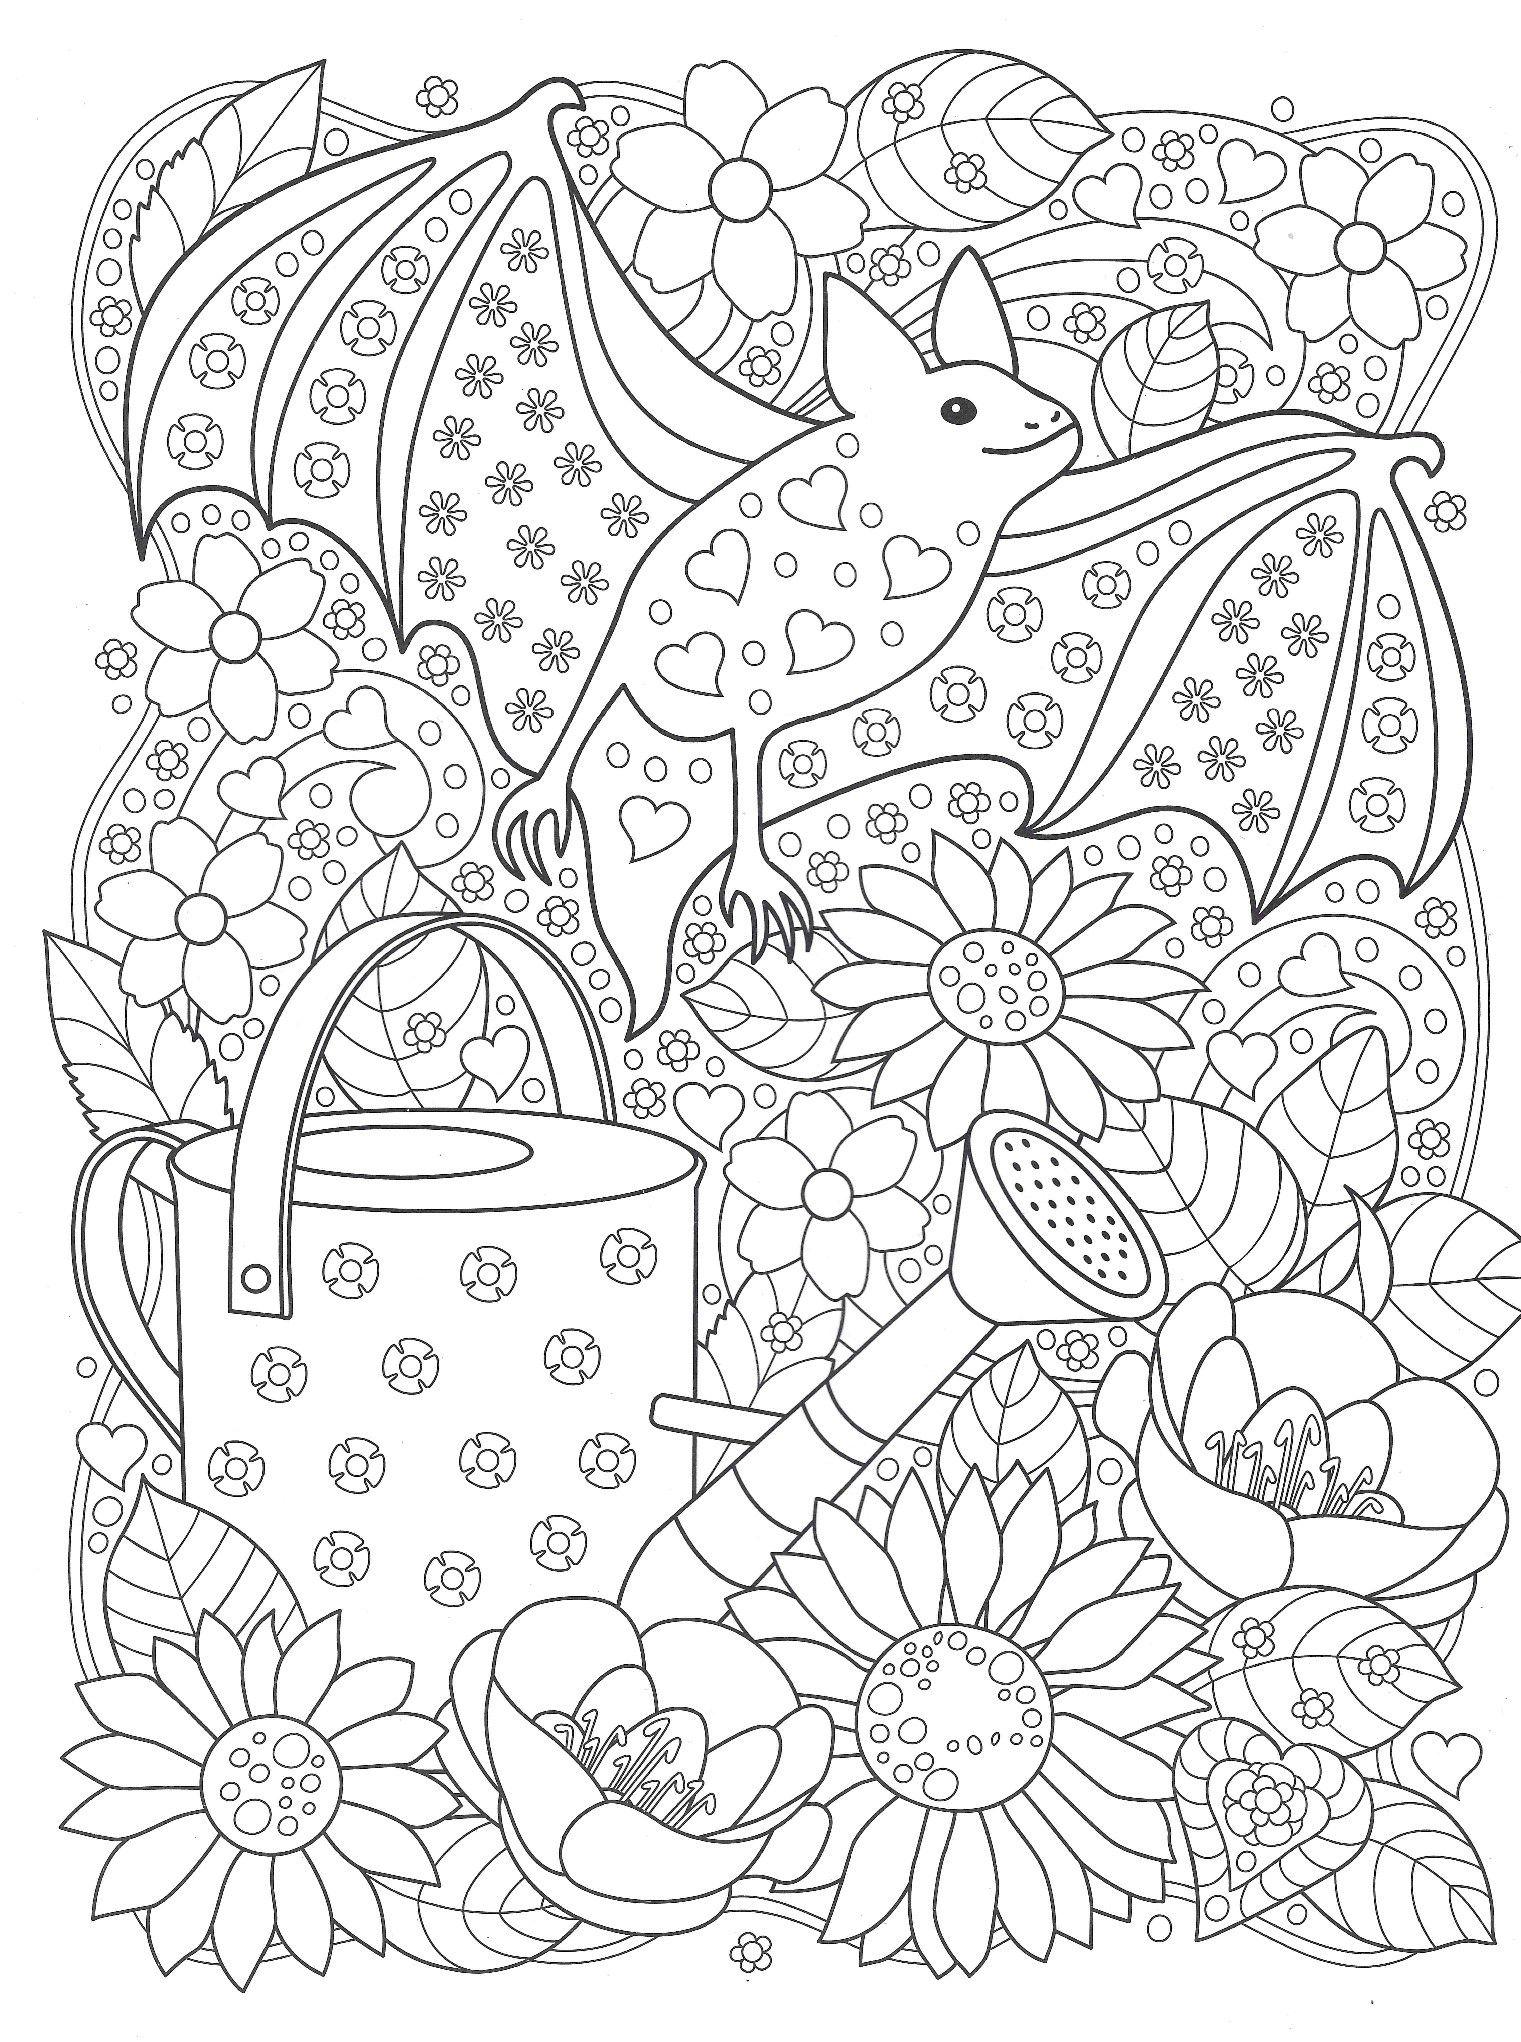 Раскраски «Животные» - «Летучая мышь в саду» | Раскраски ...